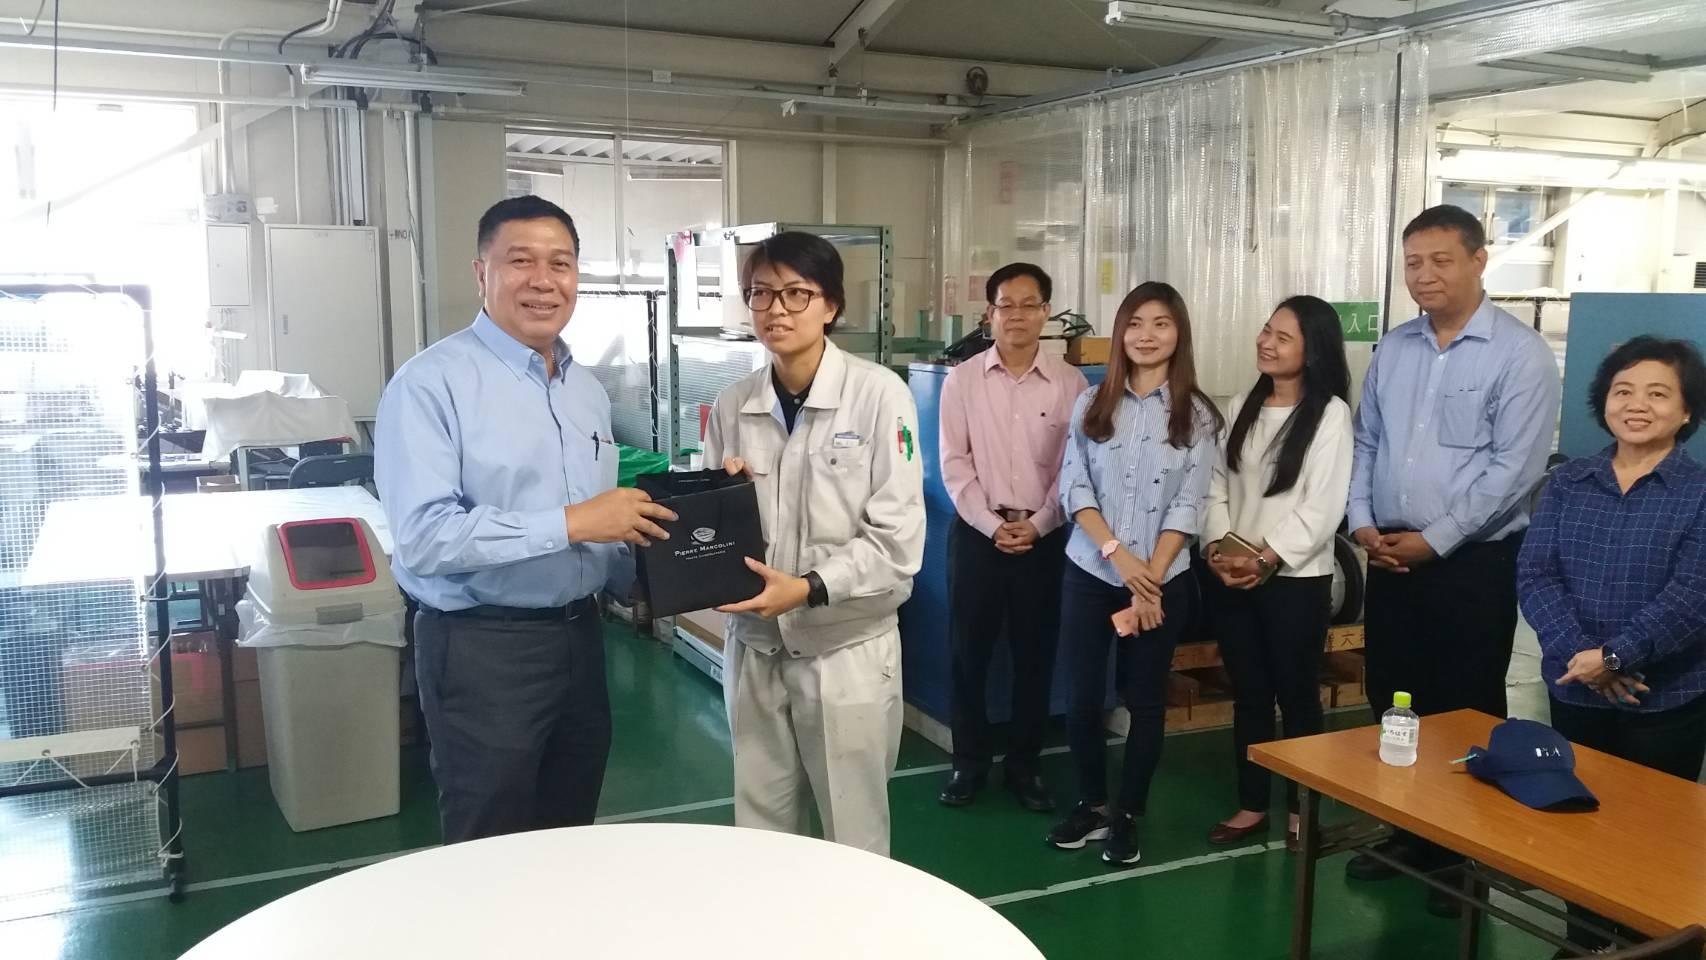 ตรวจเยี่ยมแรงงานไทย จำนวน 18 คน บริษัท HOTTA ELECTRIC CO.,LTD